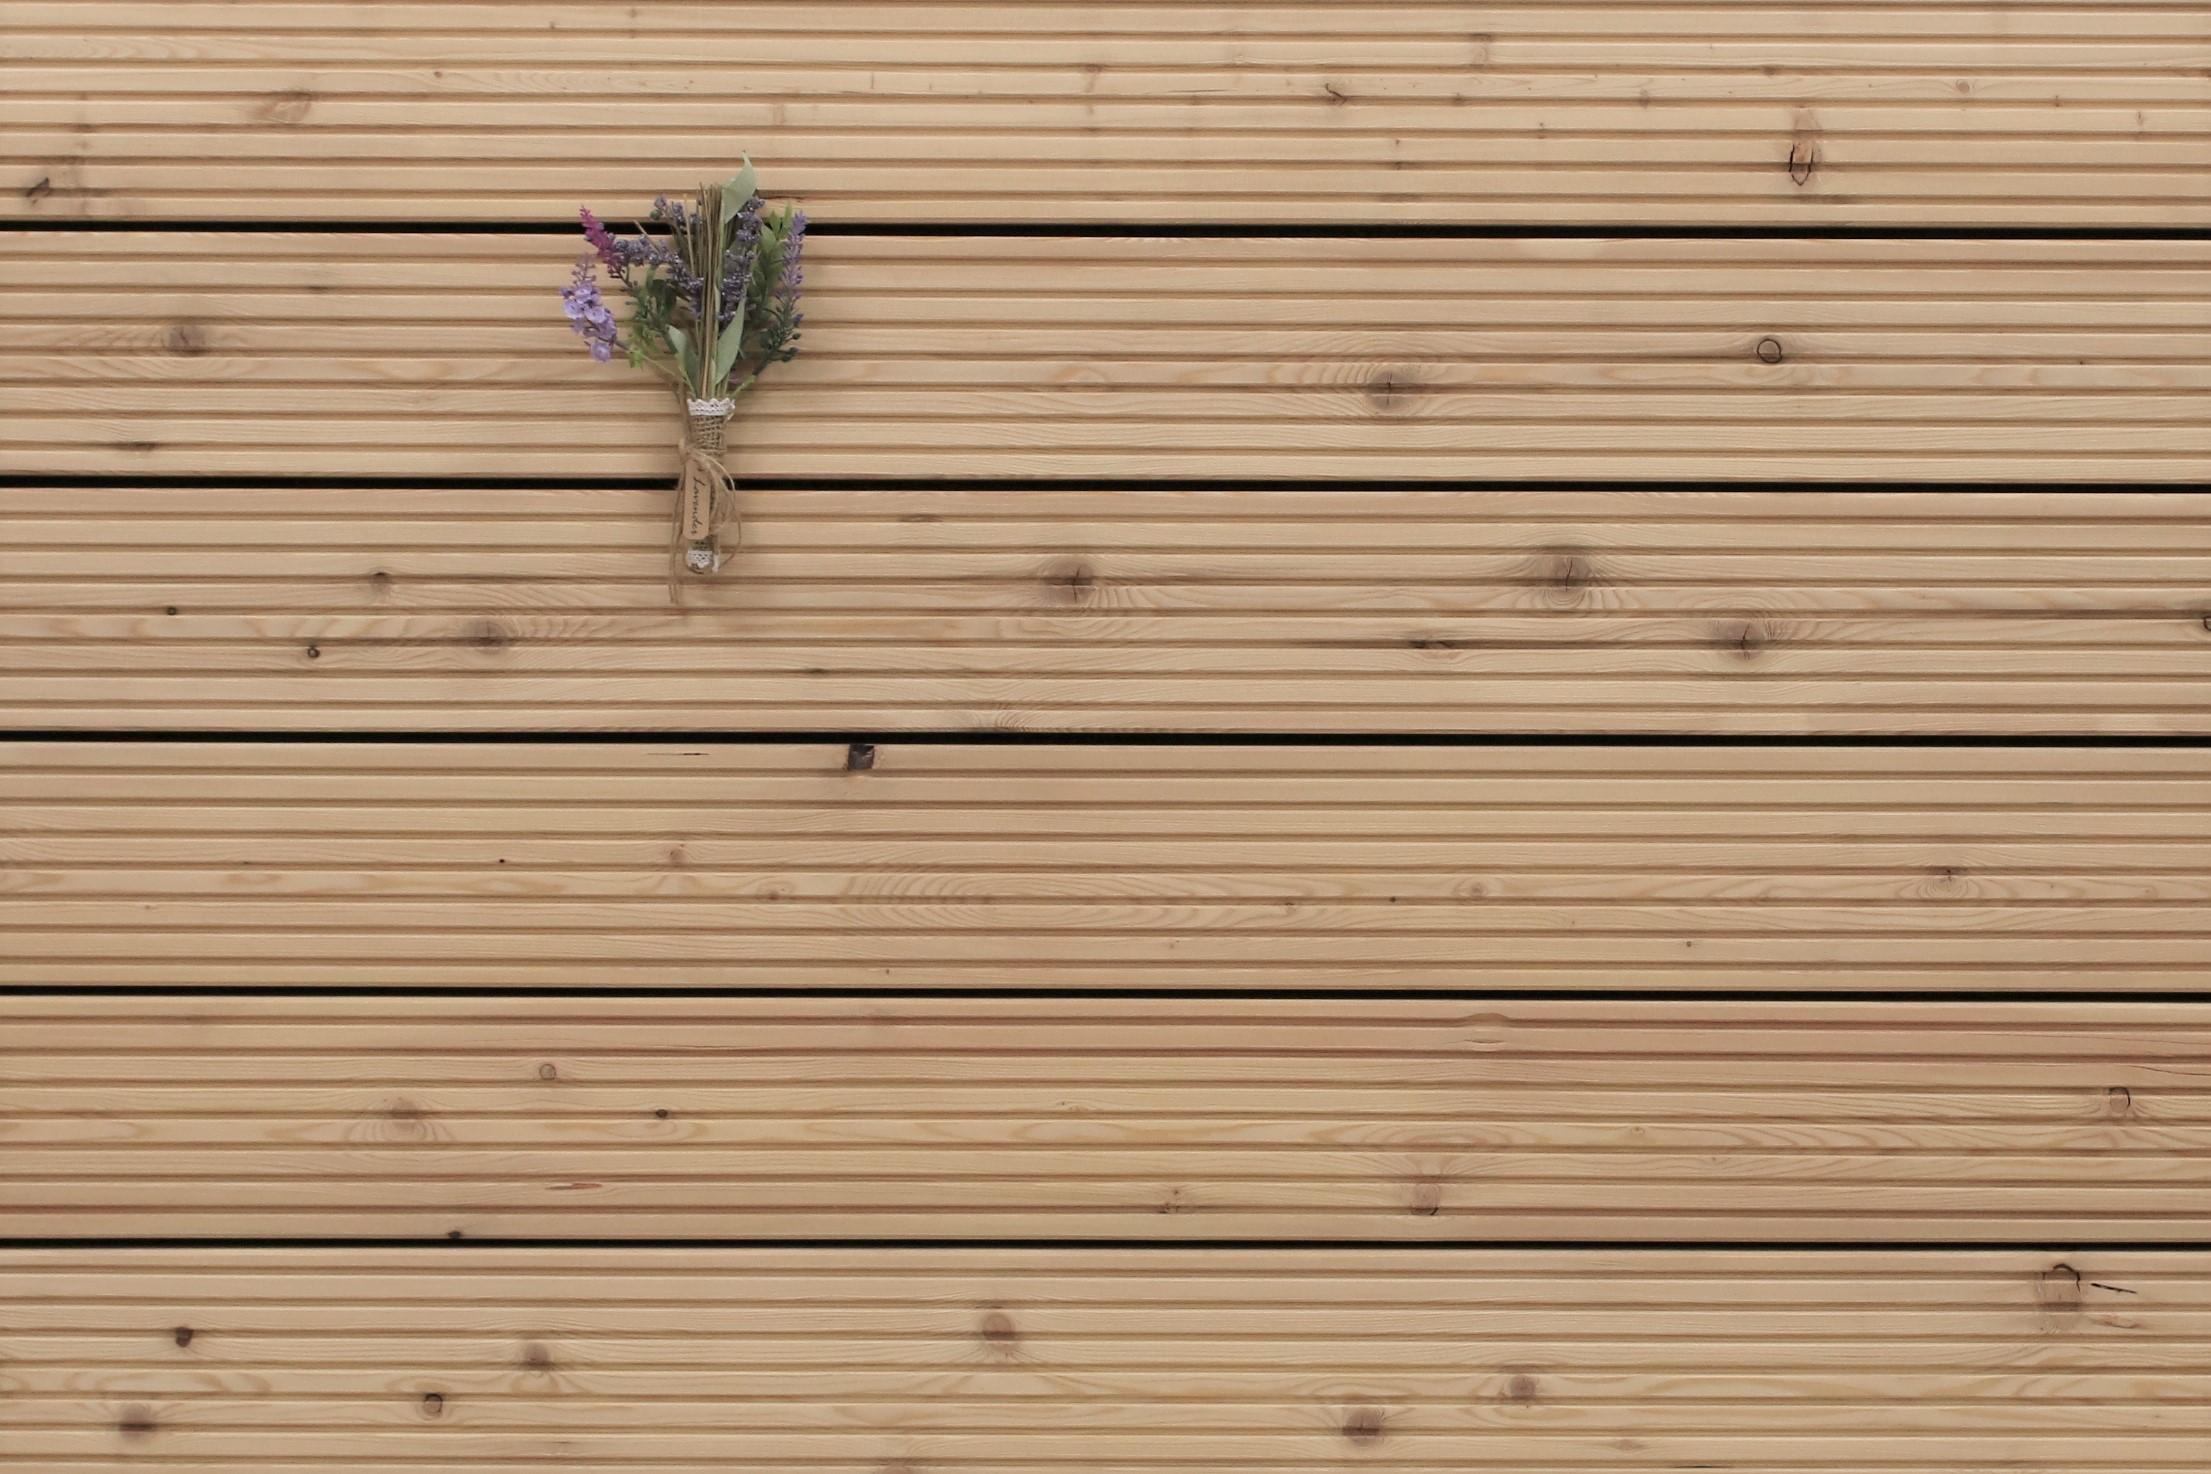 Sibirische Lärche Holz Dielen für die Terrasse, AB Sortierung, 20,20 €/lfm,  grob genutet, 220 x 20 bis 20000 mm, Terrassendielen Bretter